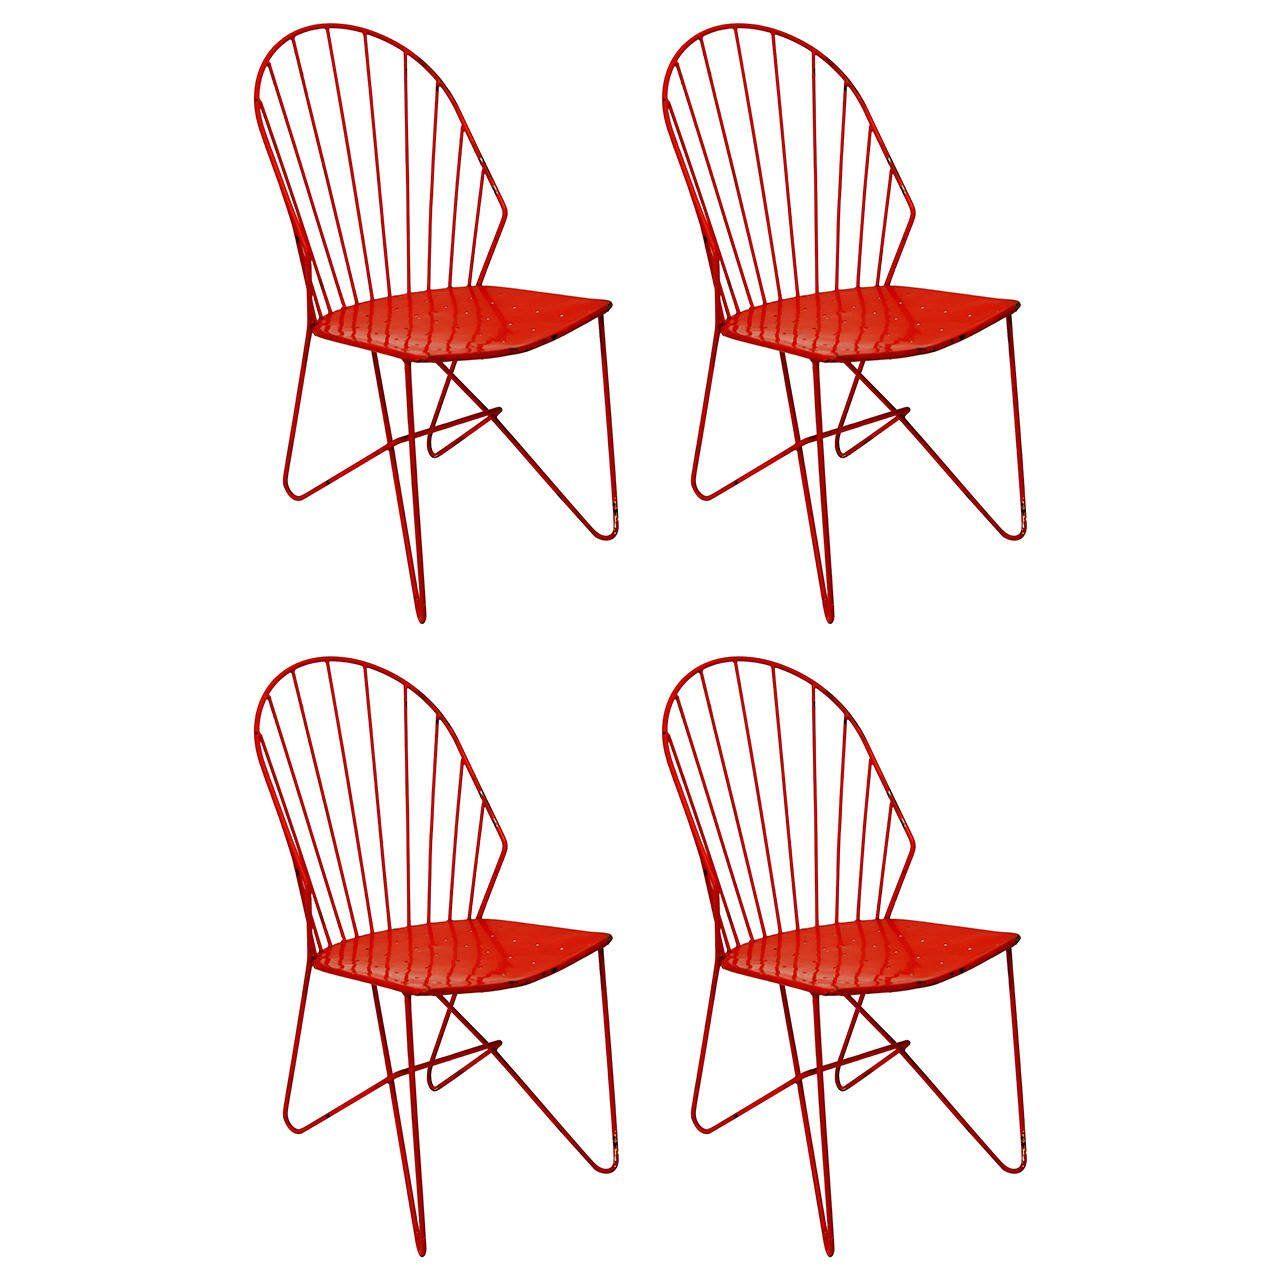 Miraculous Four Wire Chairs Sonett By Karl Fostel Erben Austria Vienna Evergreenethics Interior Chair Design Evergreenethicsorg